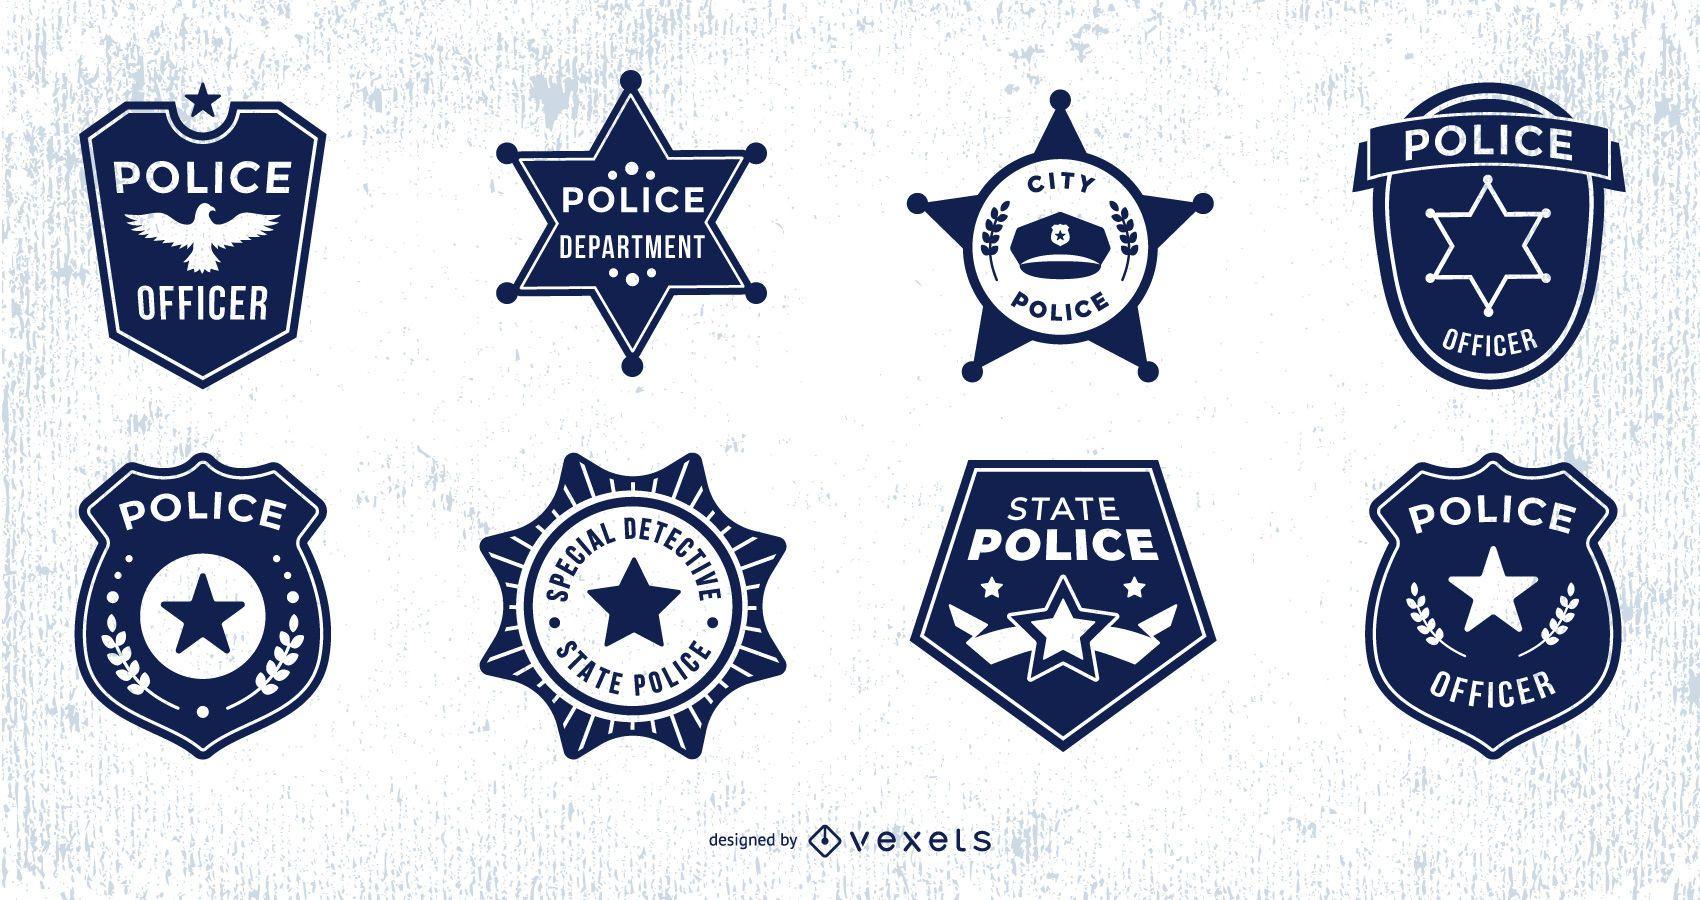 Police Badge Design Pack